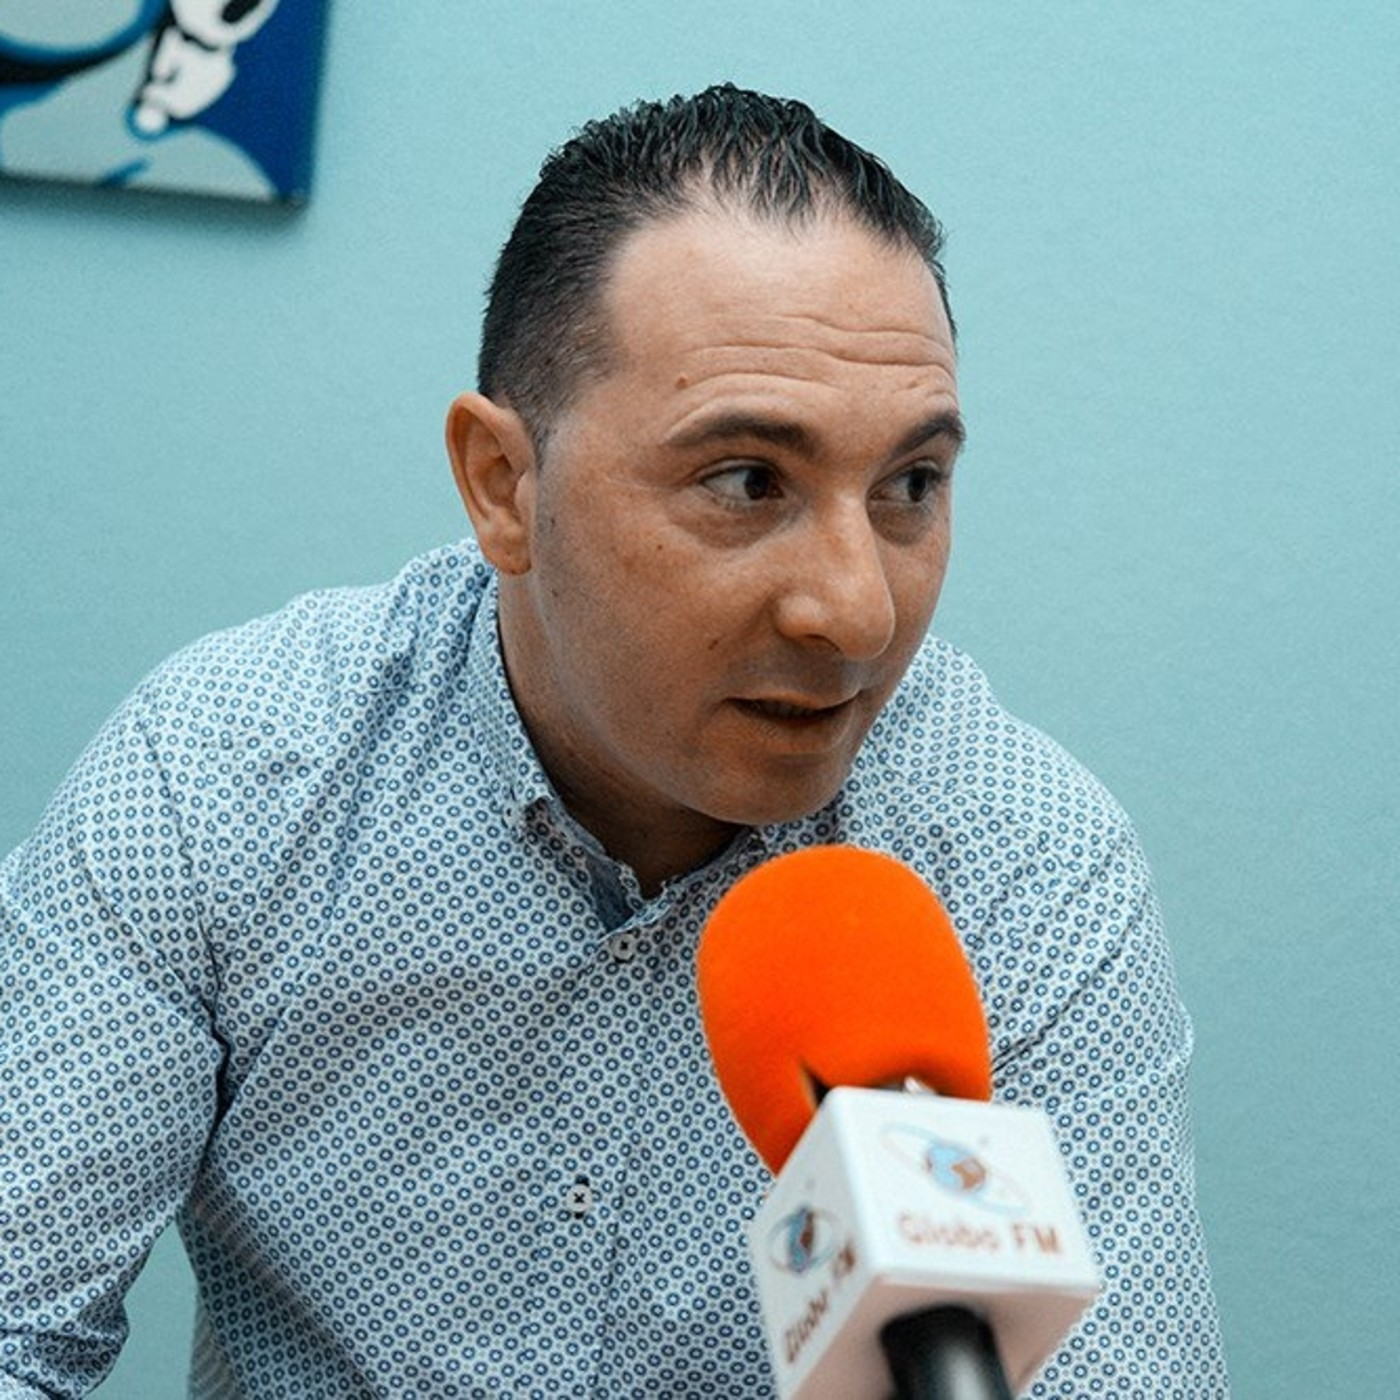 Crónicas. Con Iván Fernández, alcalde de Serranillos del Valle. Miércoles 3 junio.